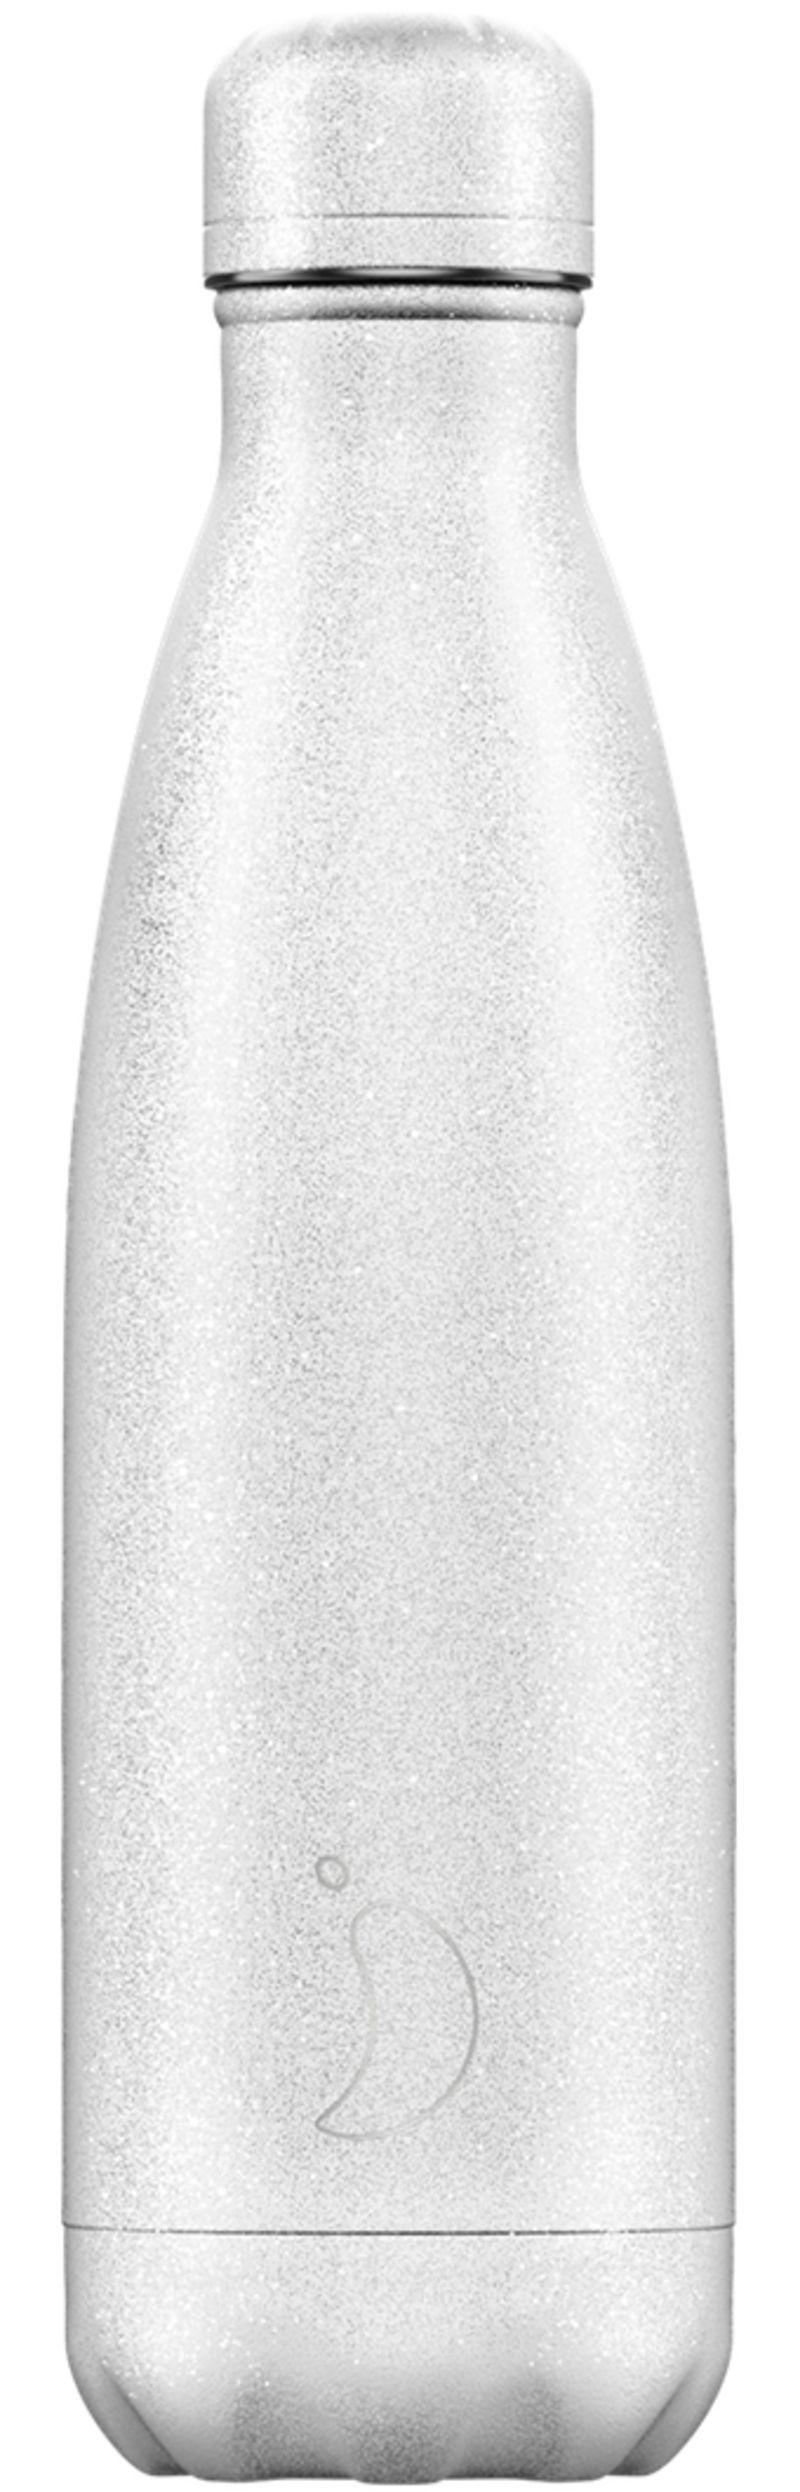 BOTELLA INOX GLITTER BLANCA 500ml